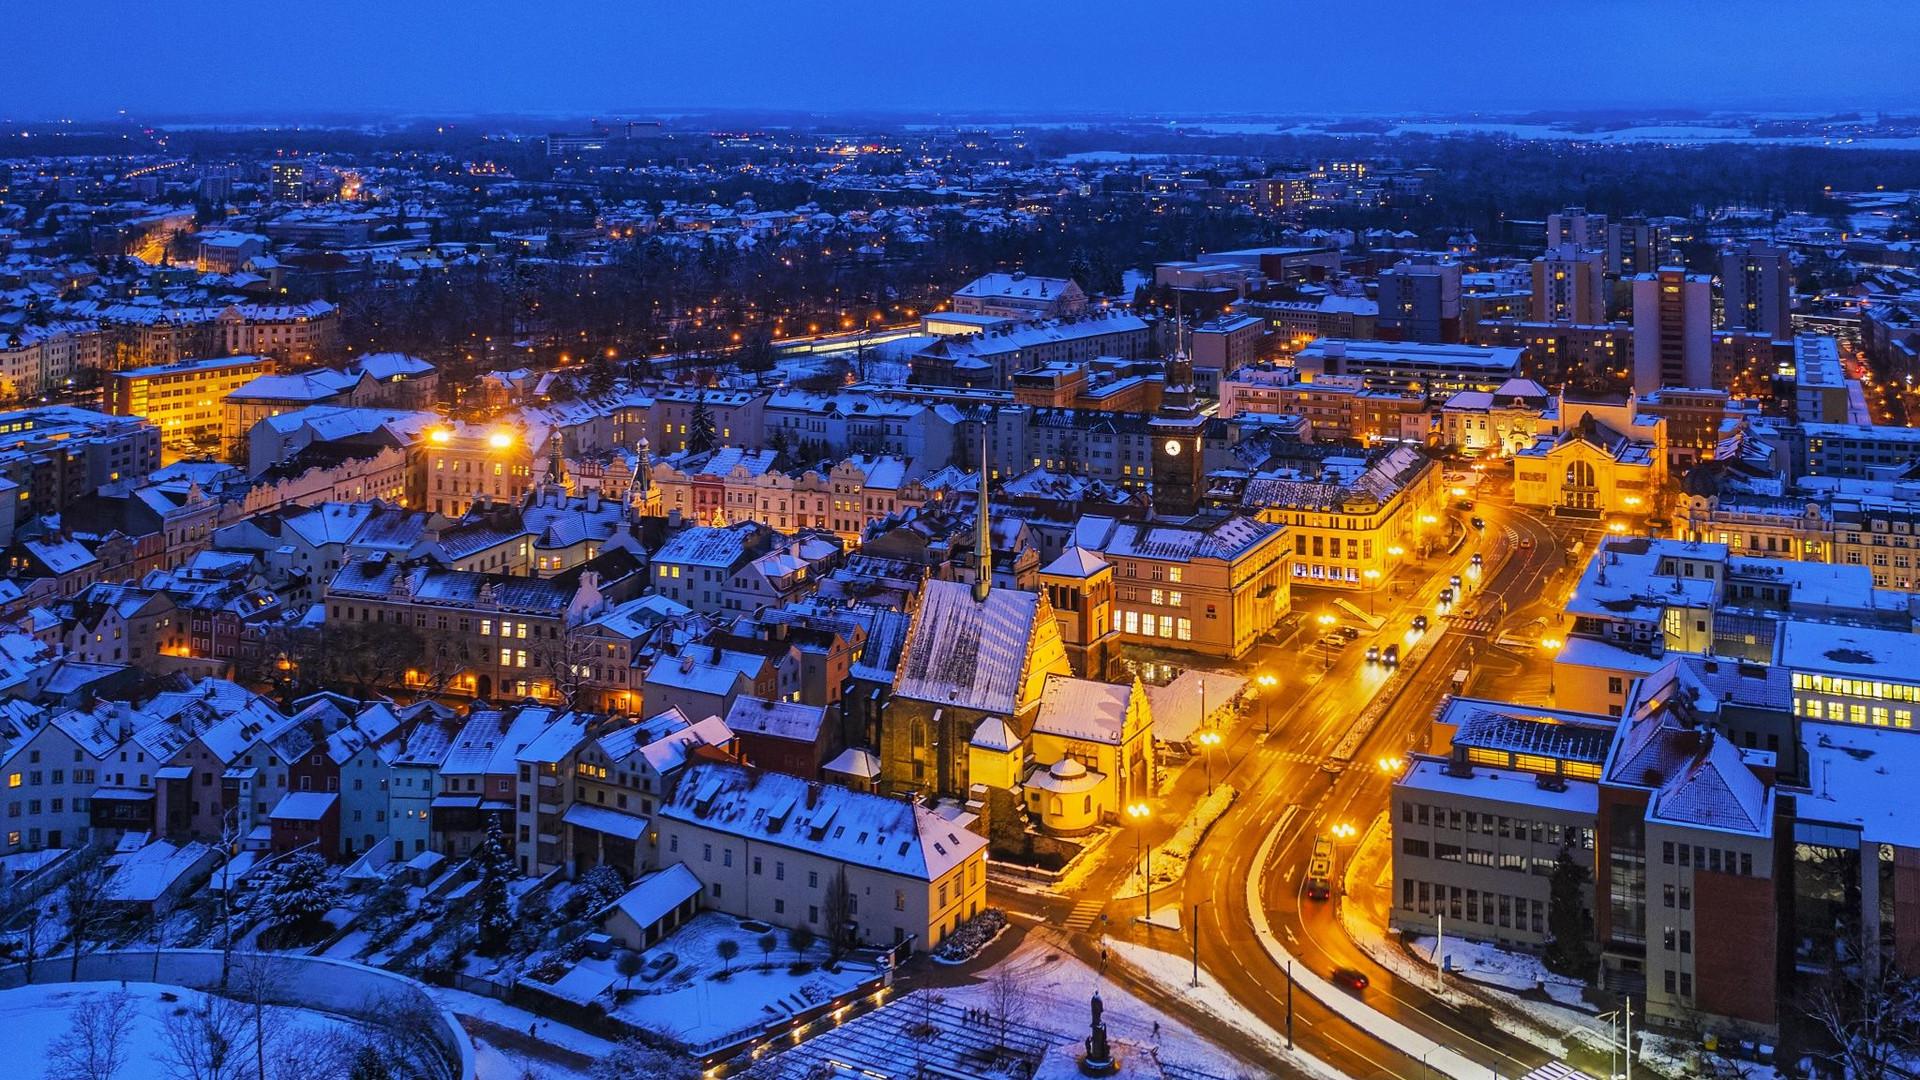 2021-01-07 - 16.40.34 - M2P - Pardubice